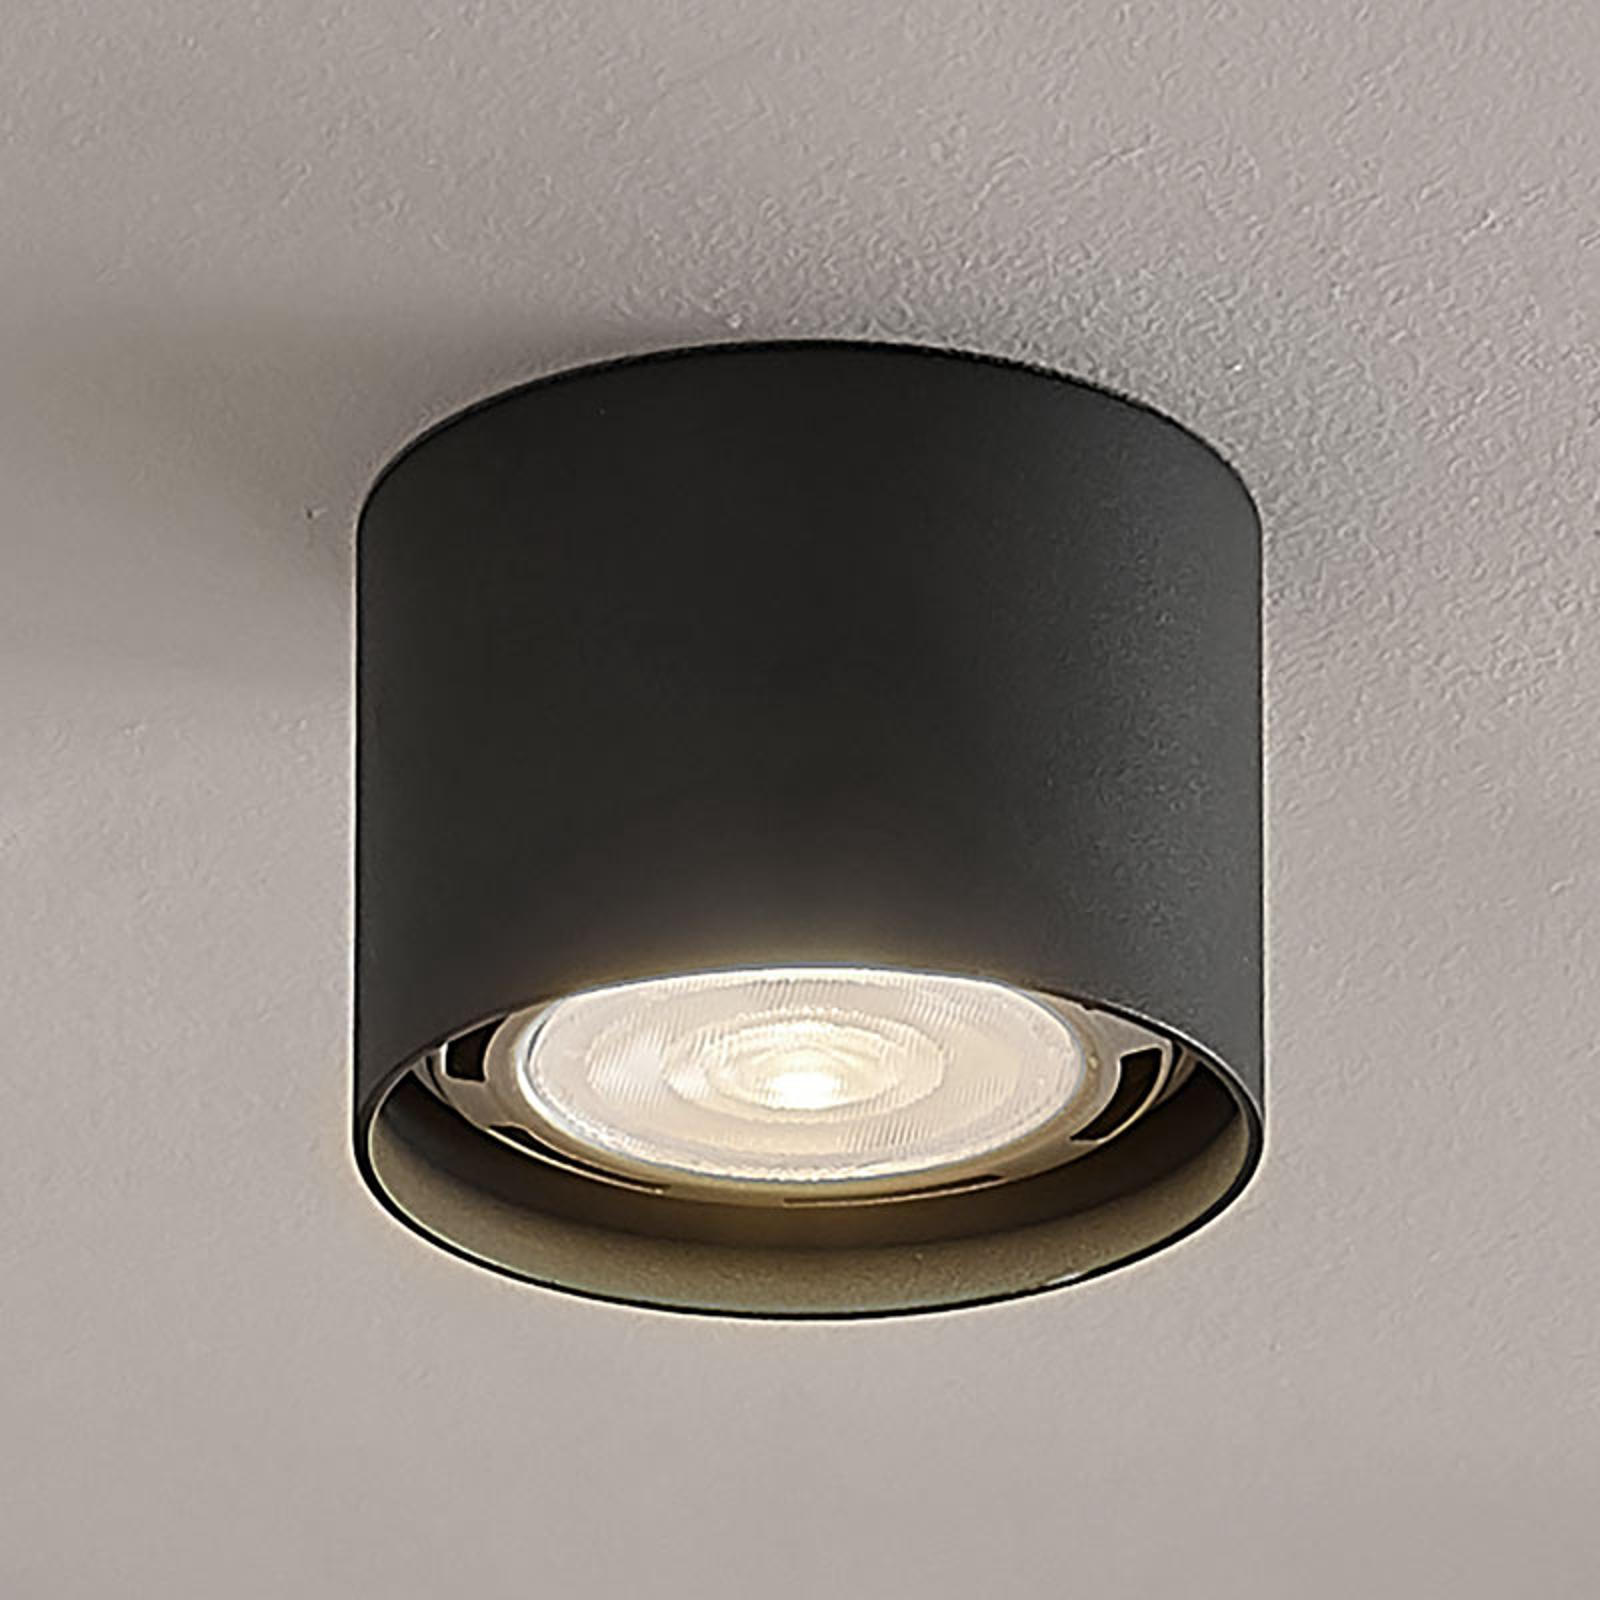 Spot sufitowy LED Mabel, okrągły, ciemnoszary